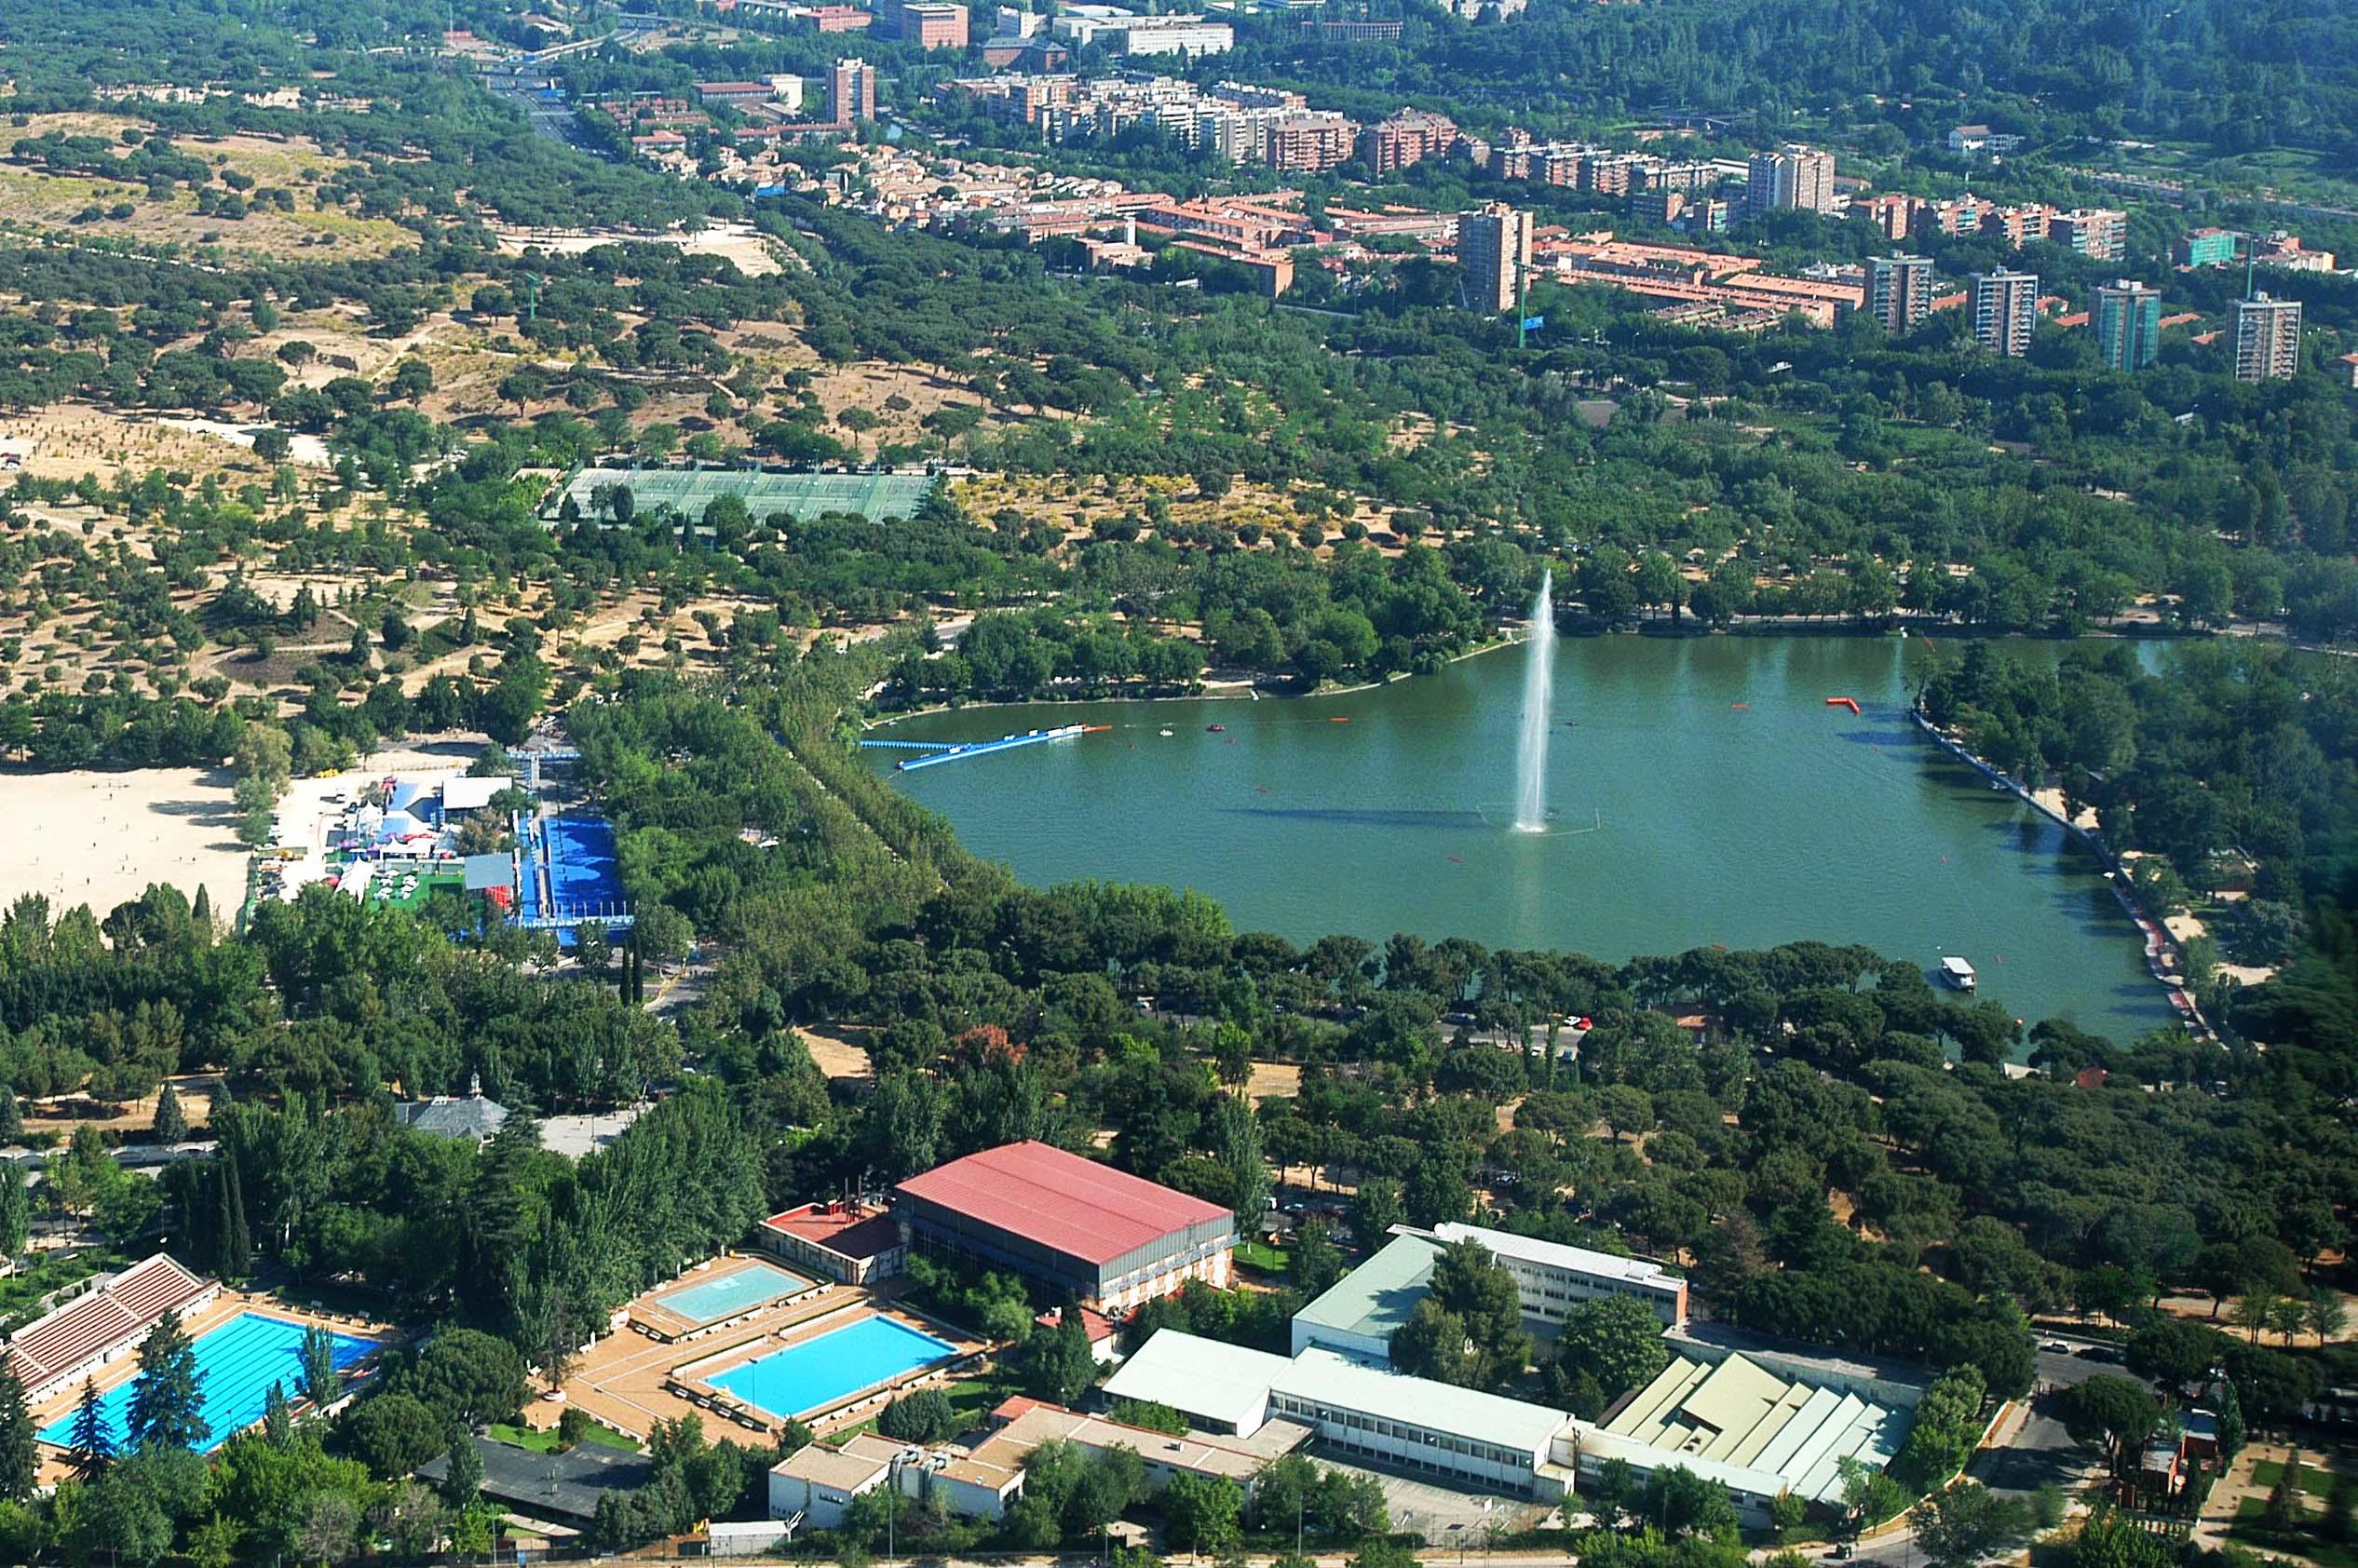 La casa de campo m s protegida diario del ayuntamiento for Piscina de lago madrid